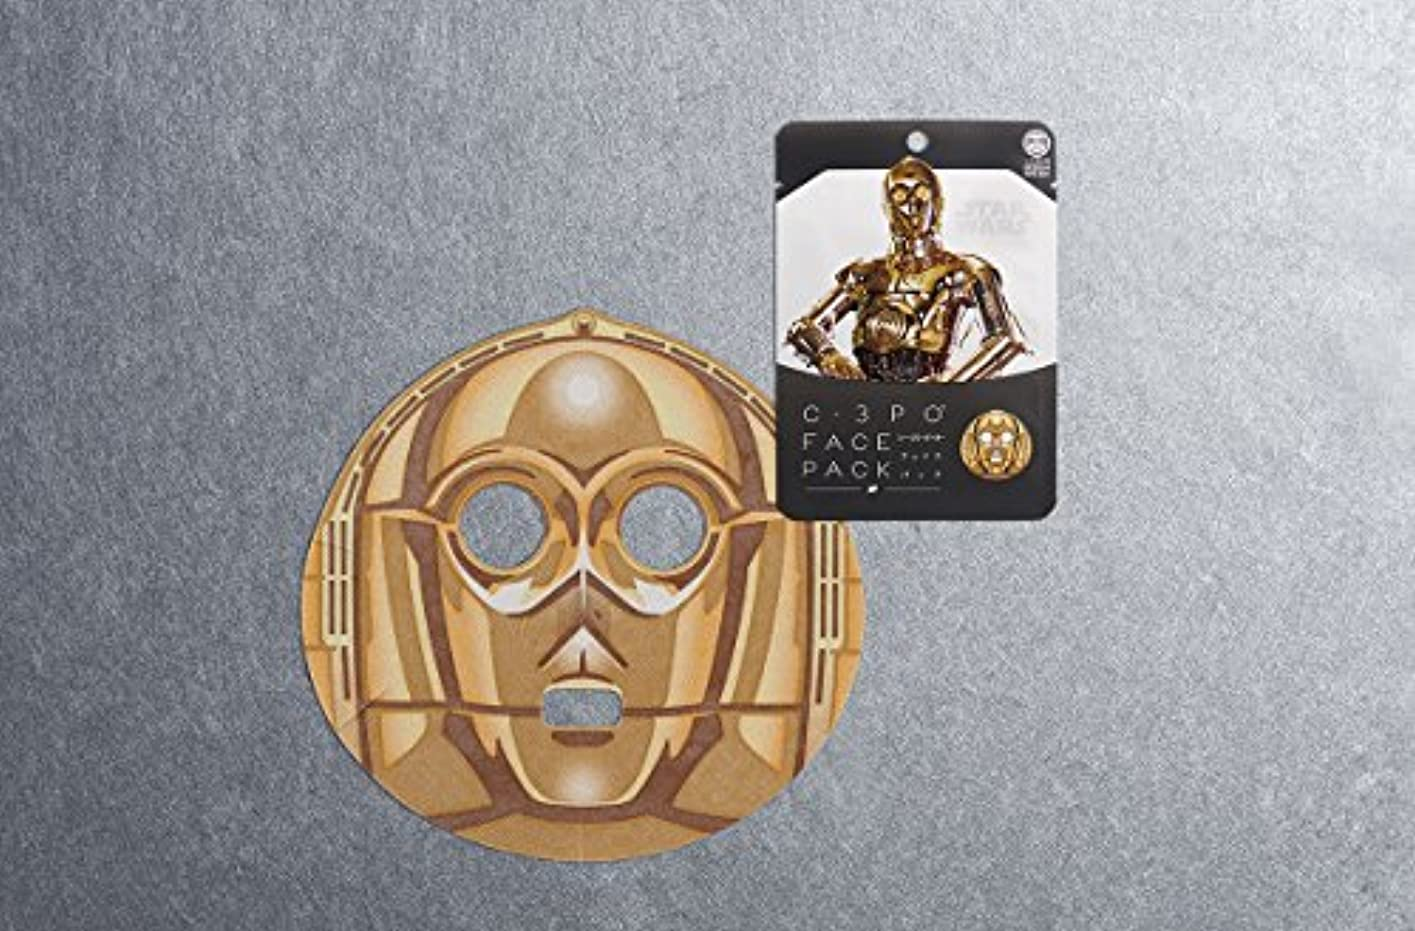 ガムヒロイック割り当てターウォーズフェイスパック 「C-3PO」